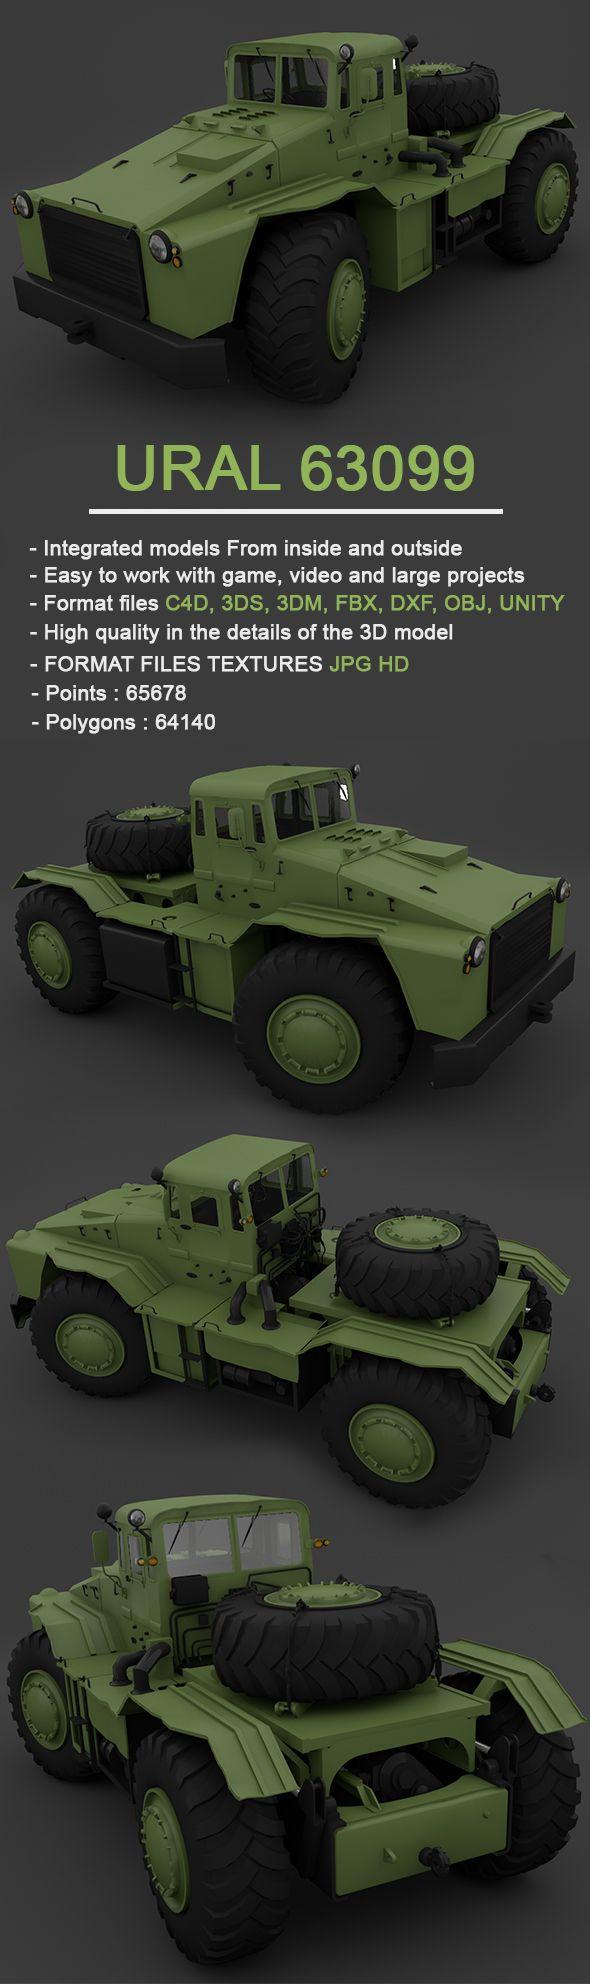 MAZ-538 - Full 3D Model   MAZ-538 - Full 3D Model   Pinterest   Model